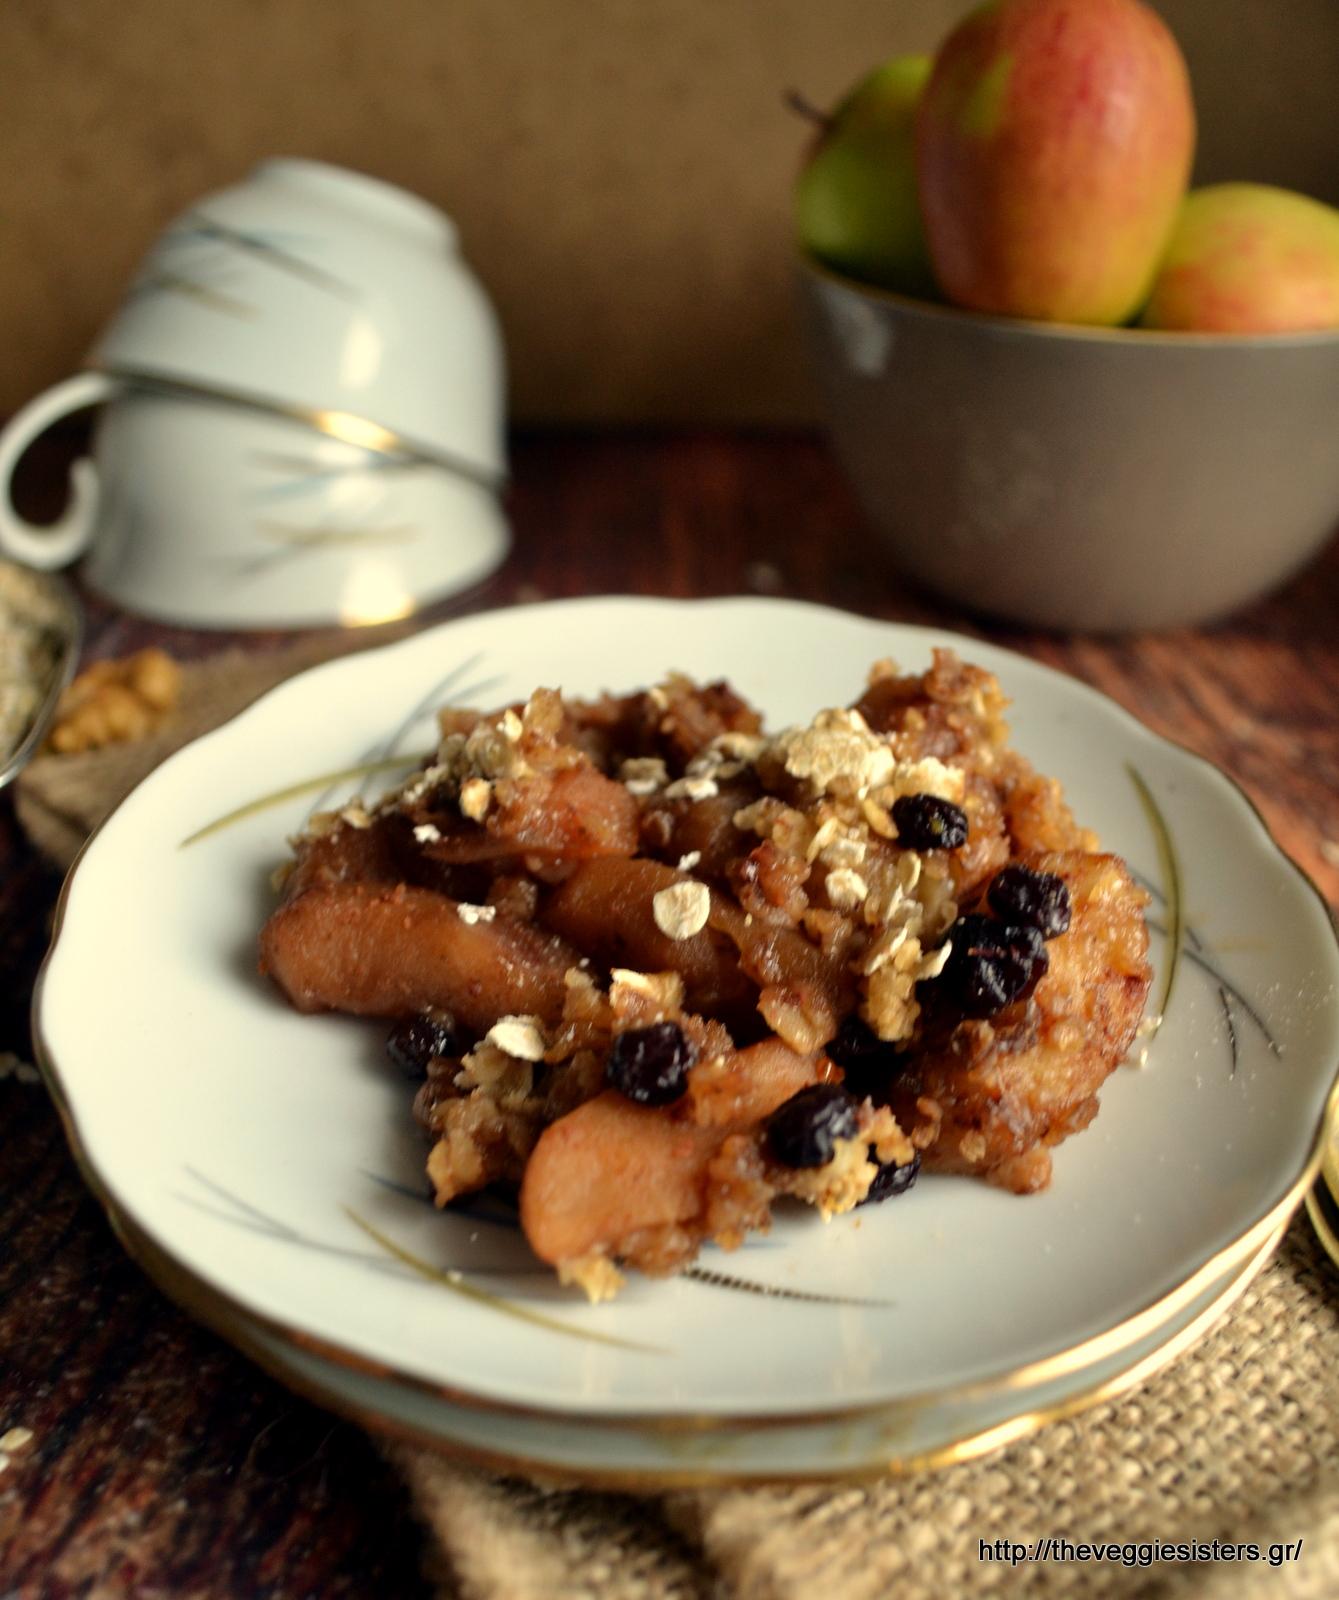 Ψητά μήλα ή αποδομημένη μηλόπιτα - Apple bake or deconstructed apple pie